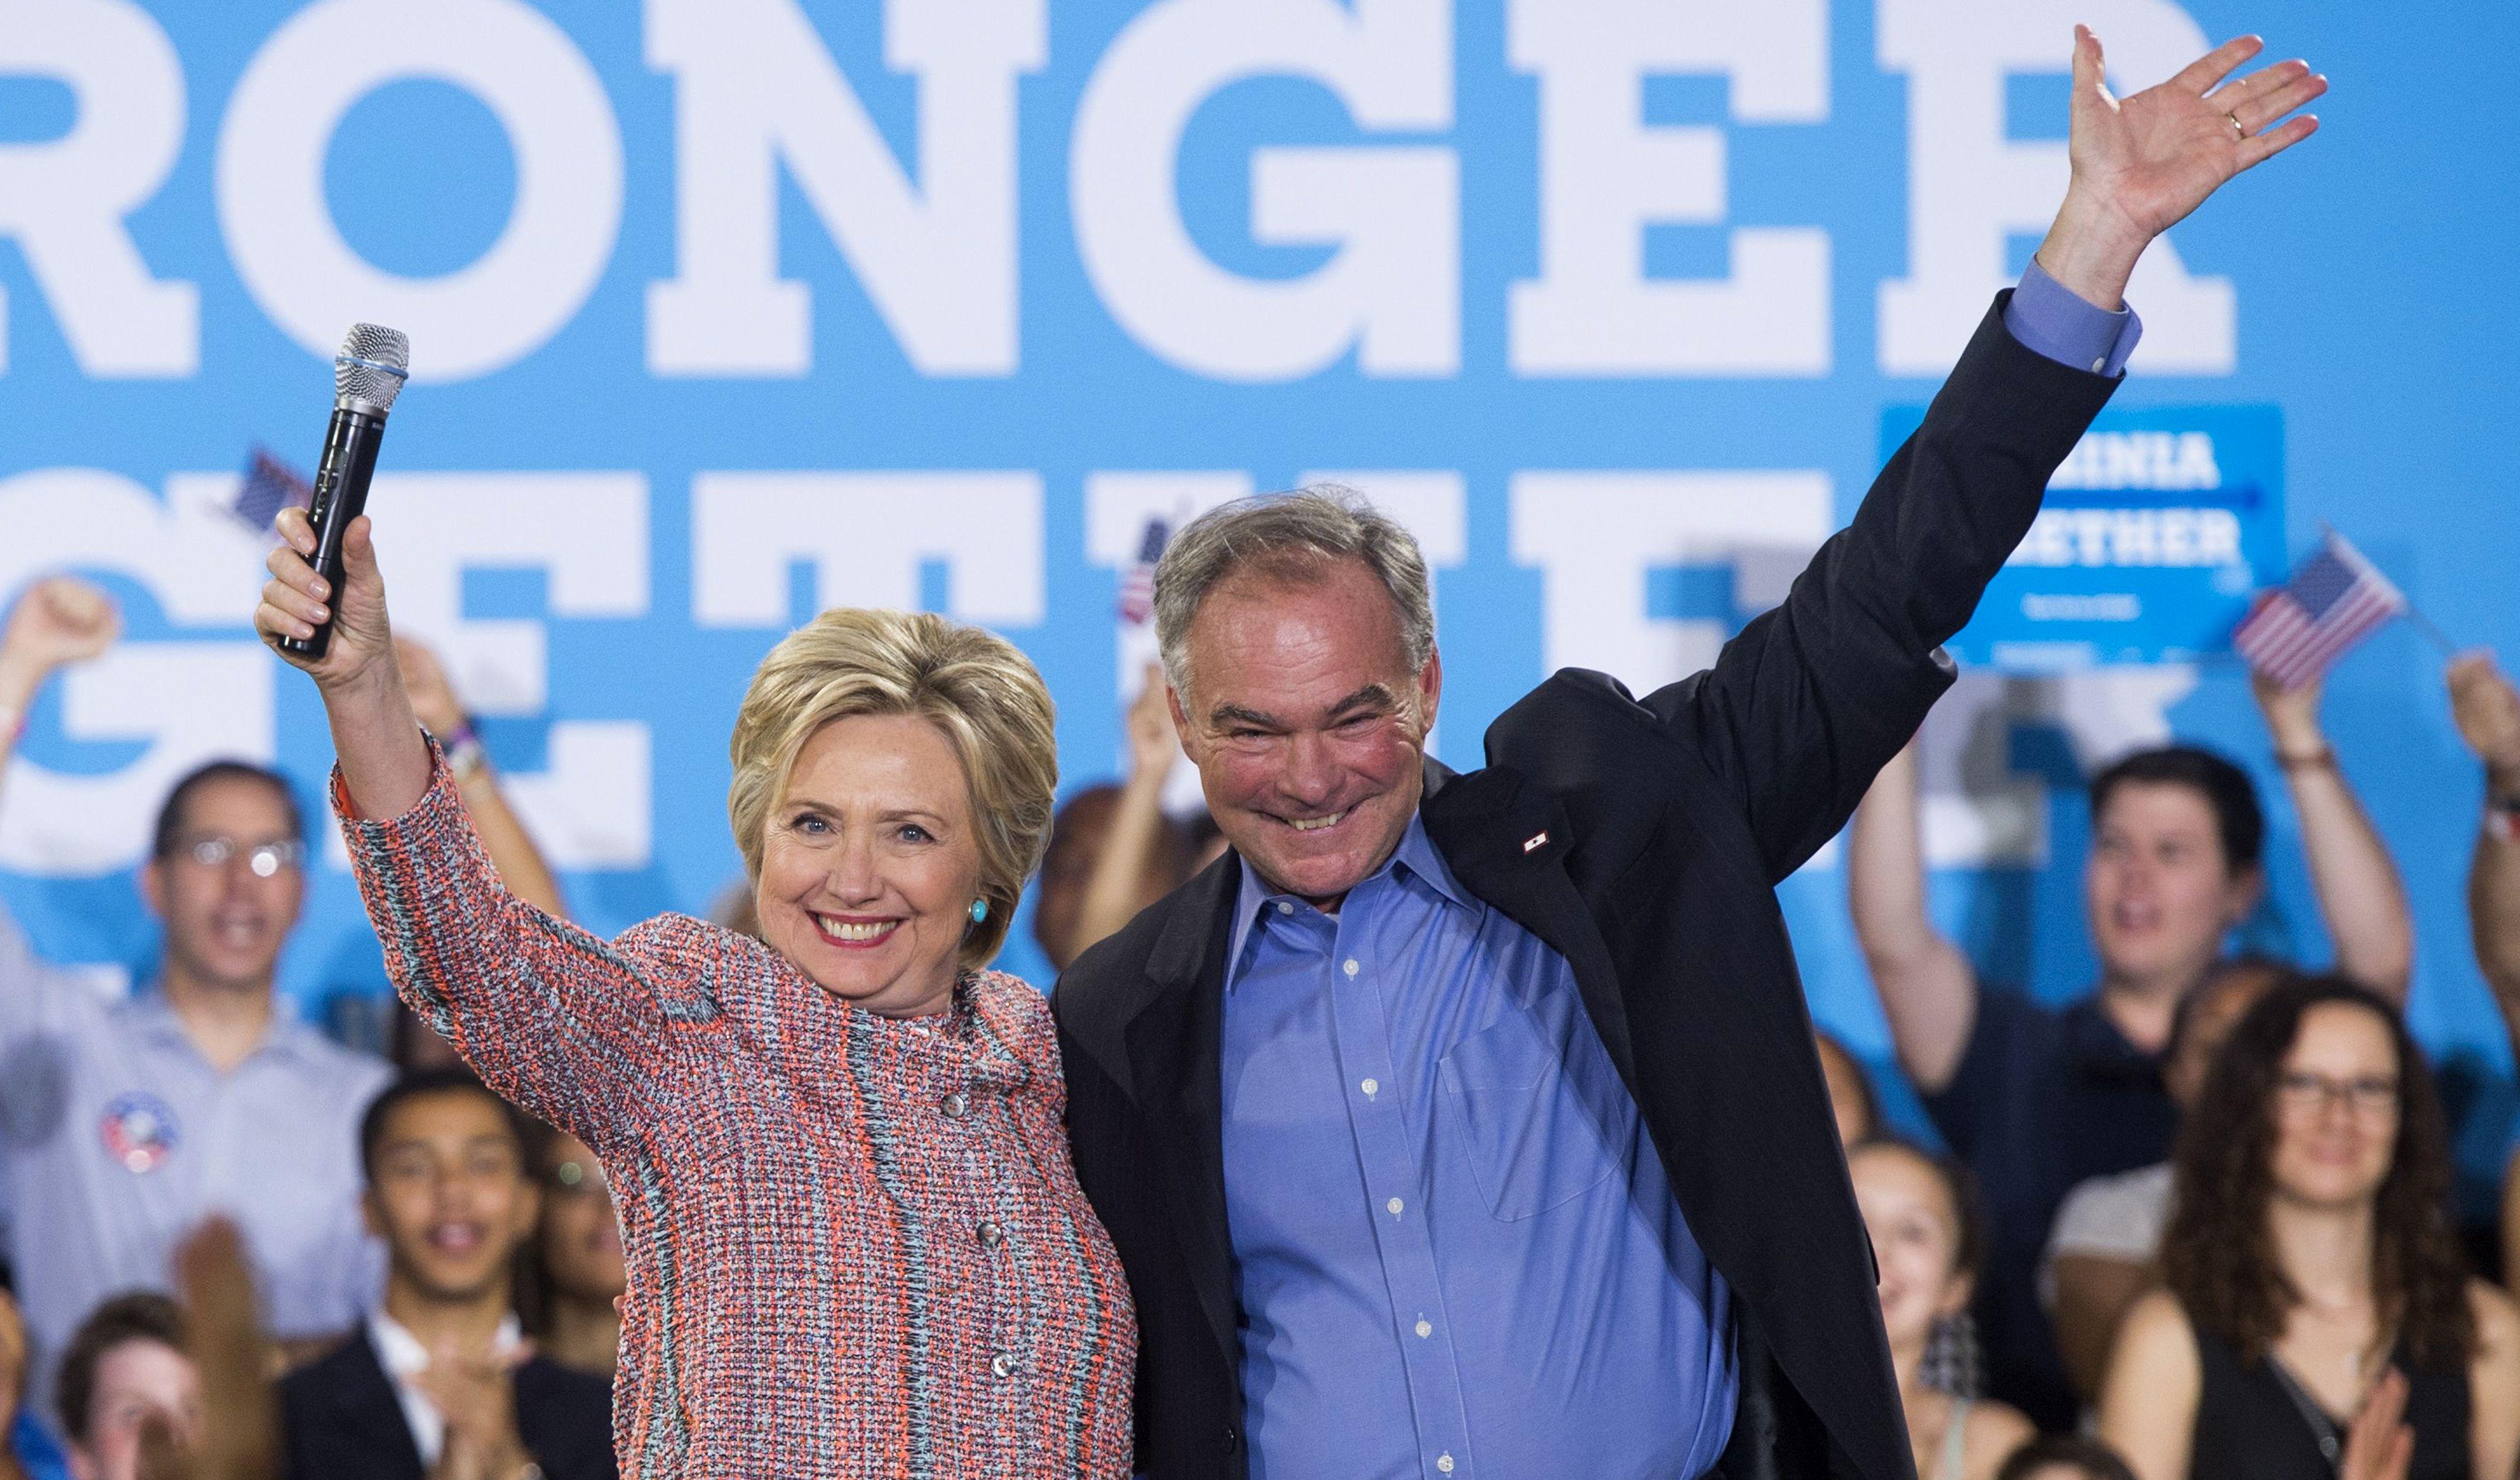 Es oficial: Hillary Clinton se convirtió en la primera candidata a presidenta en EEUU